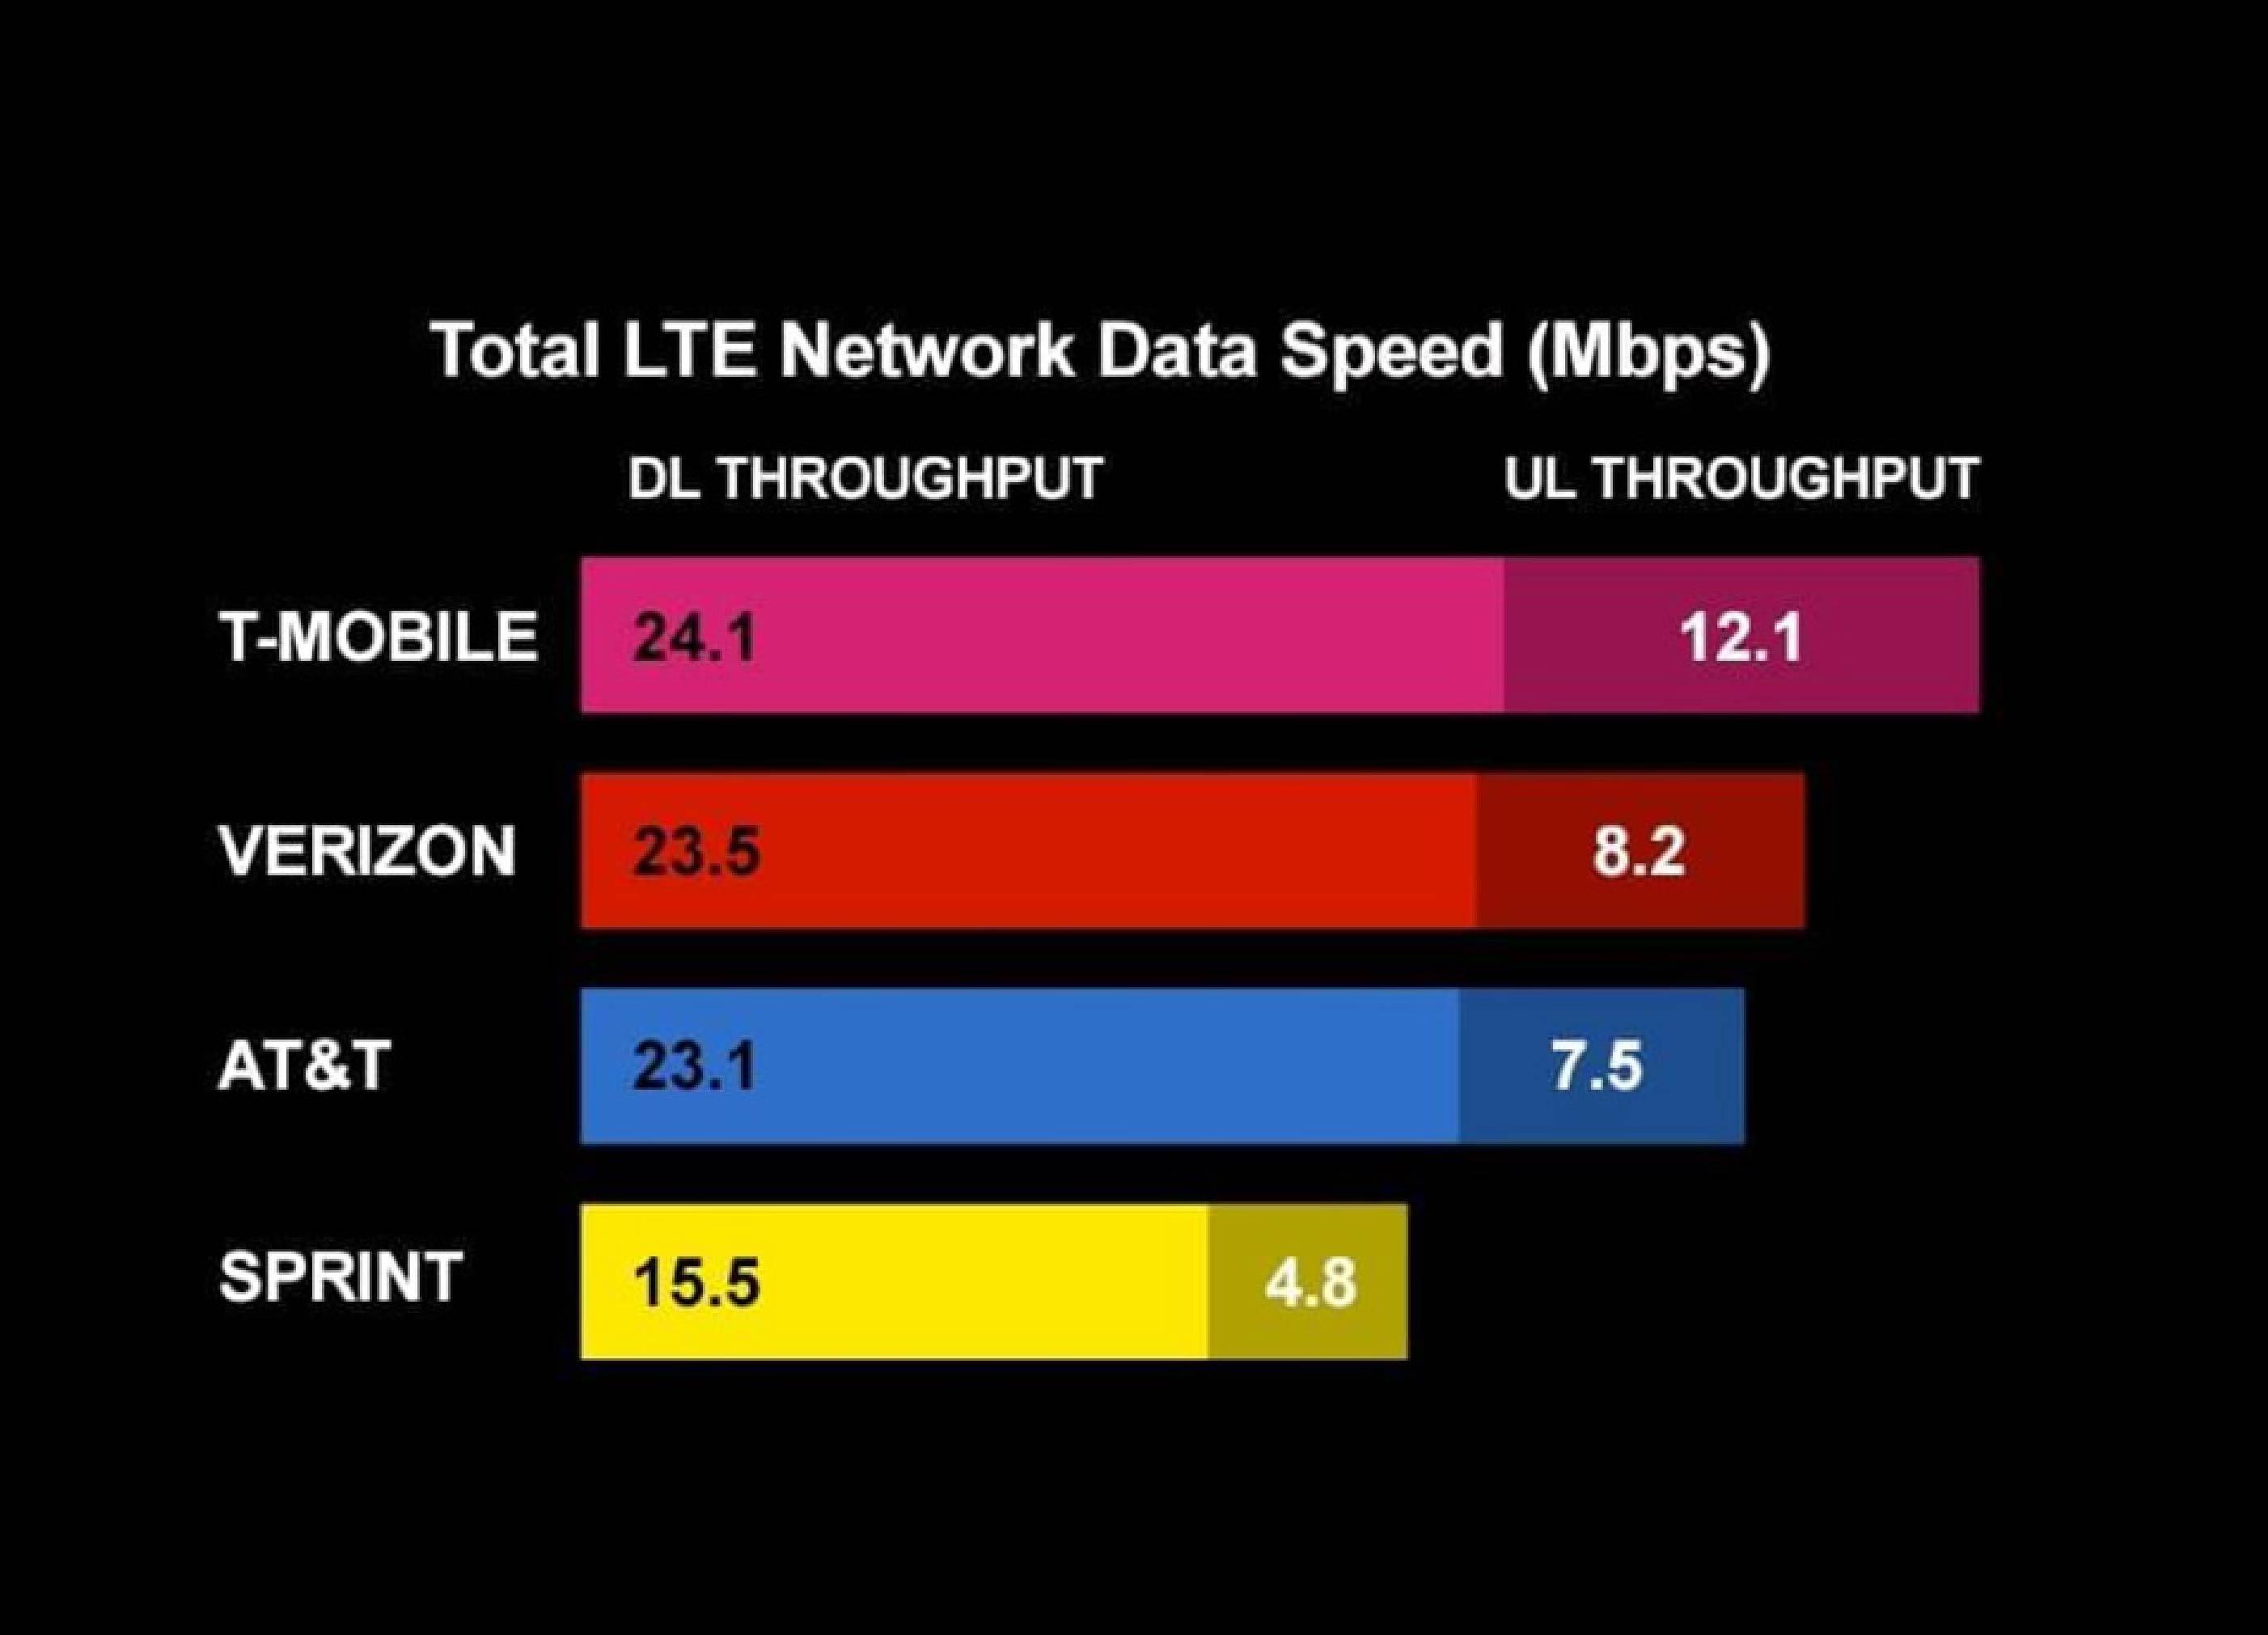 1da9af6230da Smart LTE speeds continue to outpace competition - Balikas Online